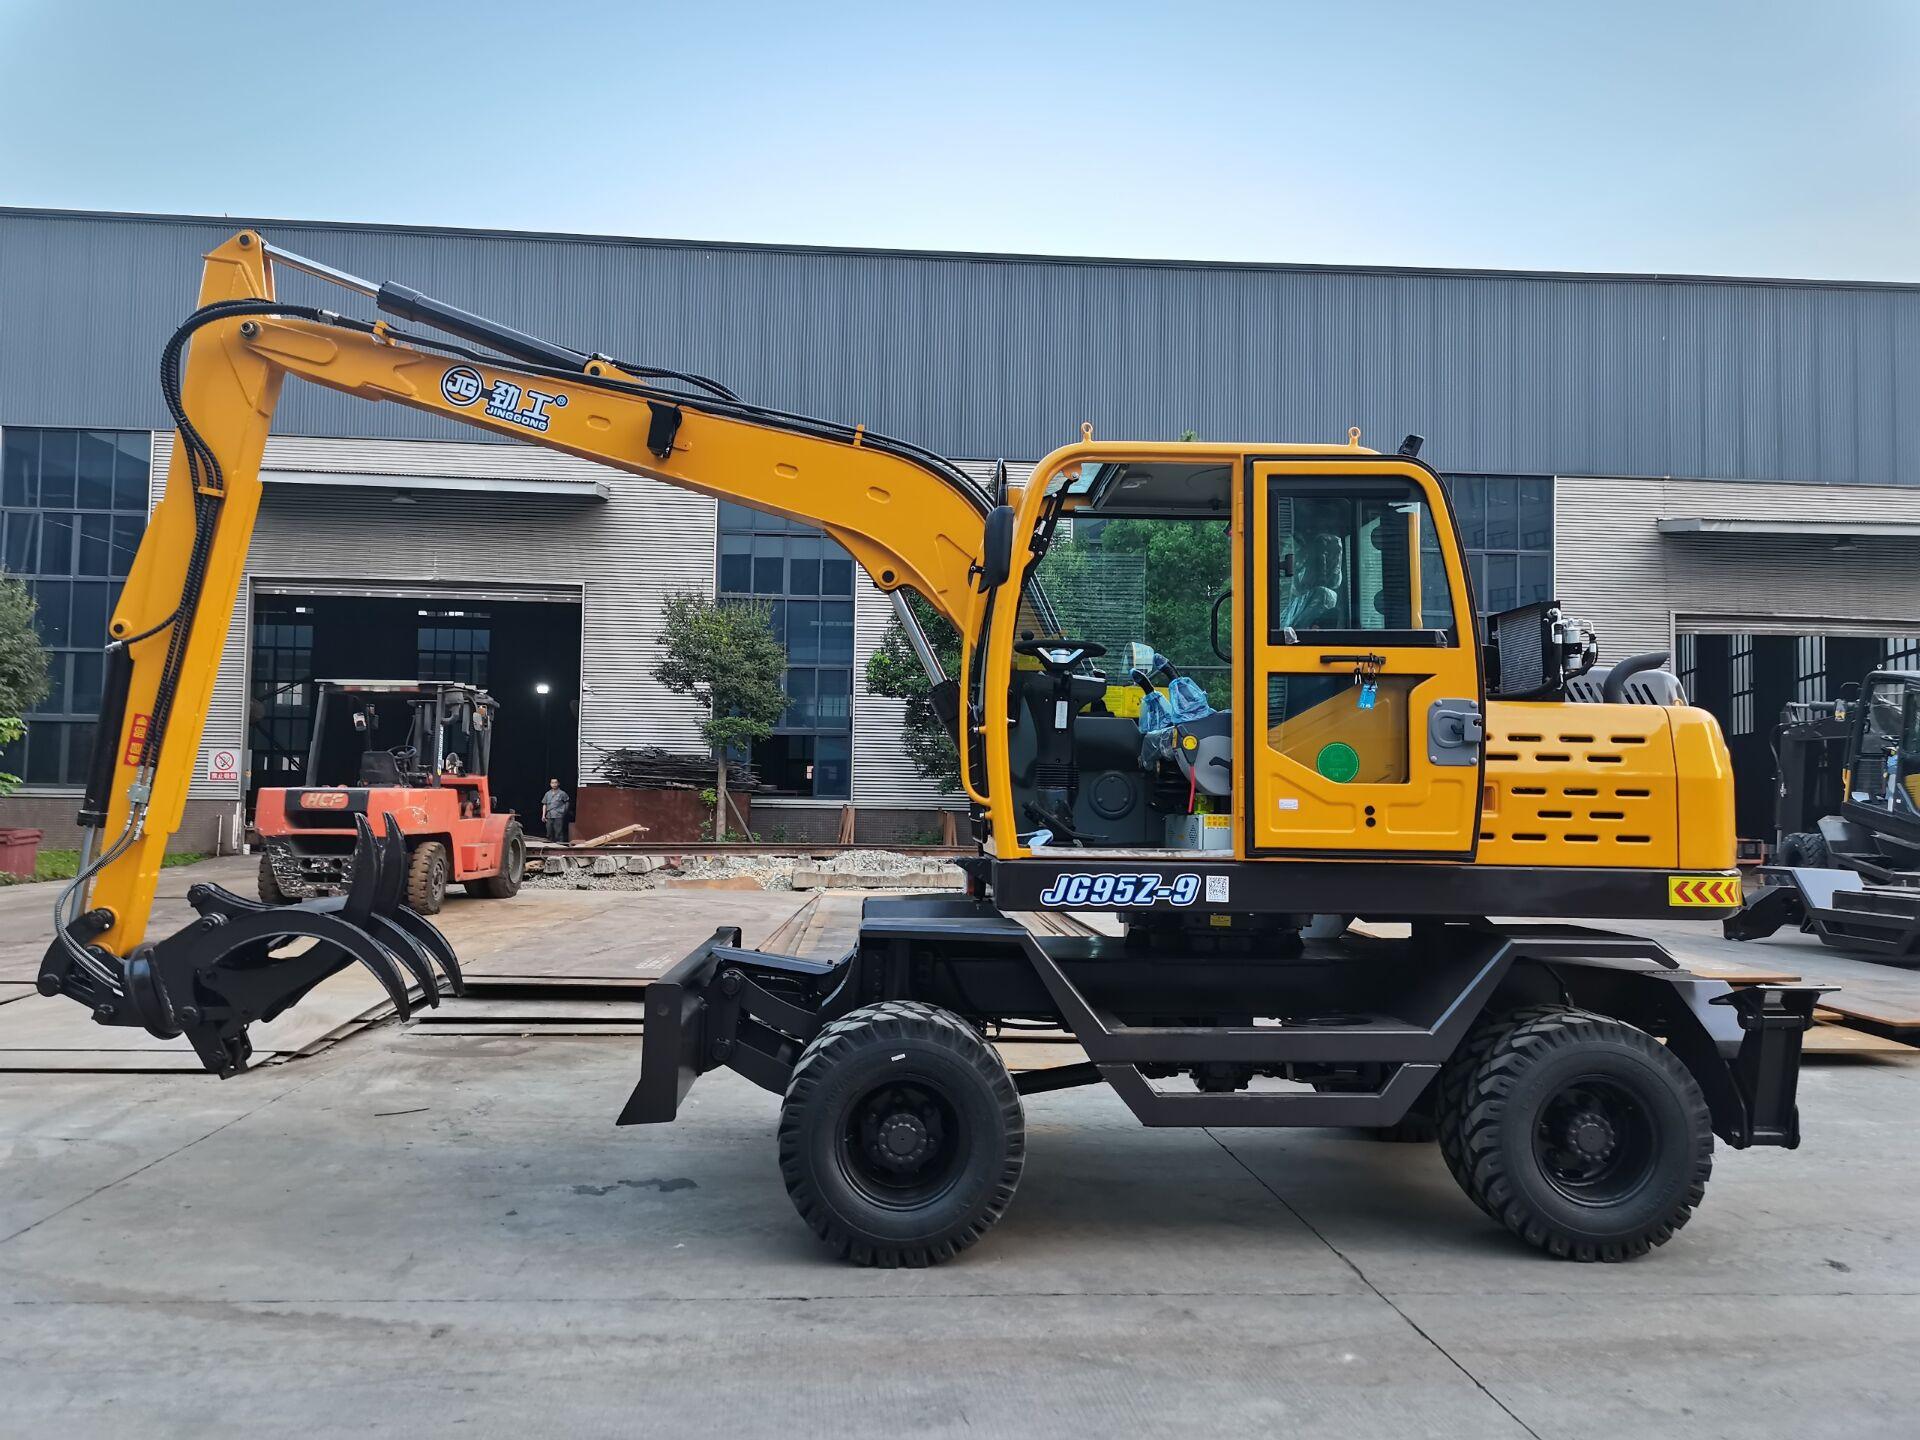 JG95Z-9 Wheel Excavator